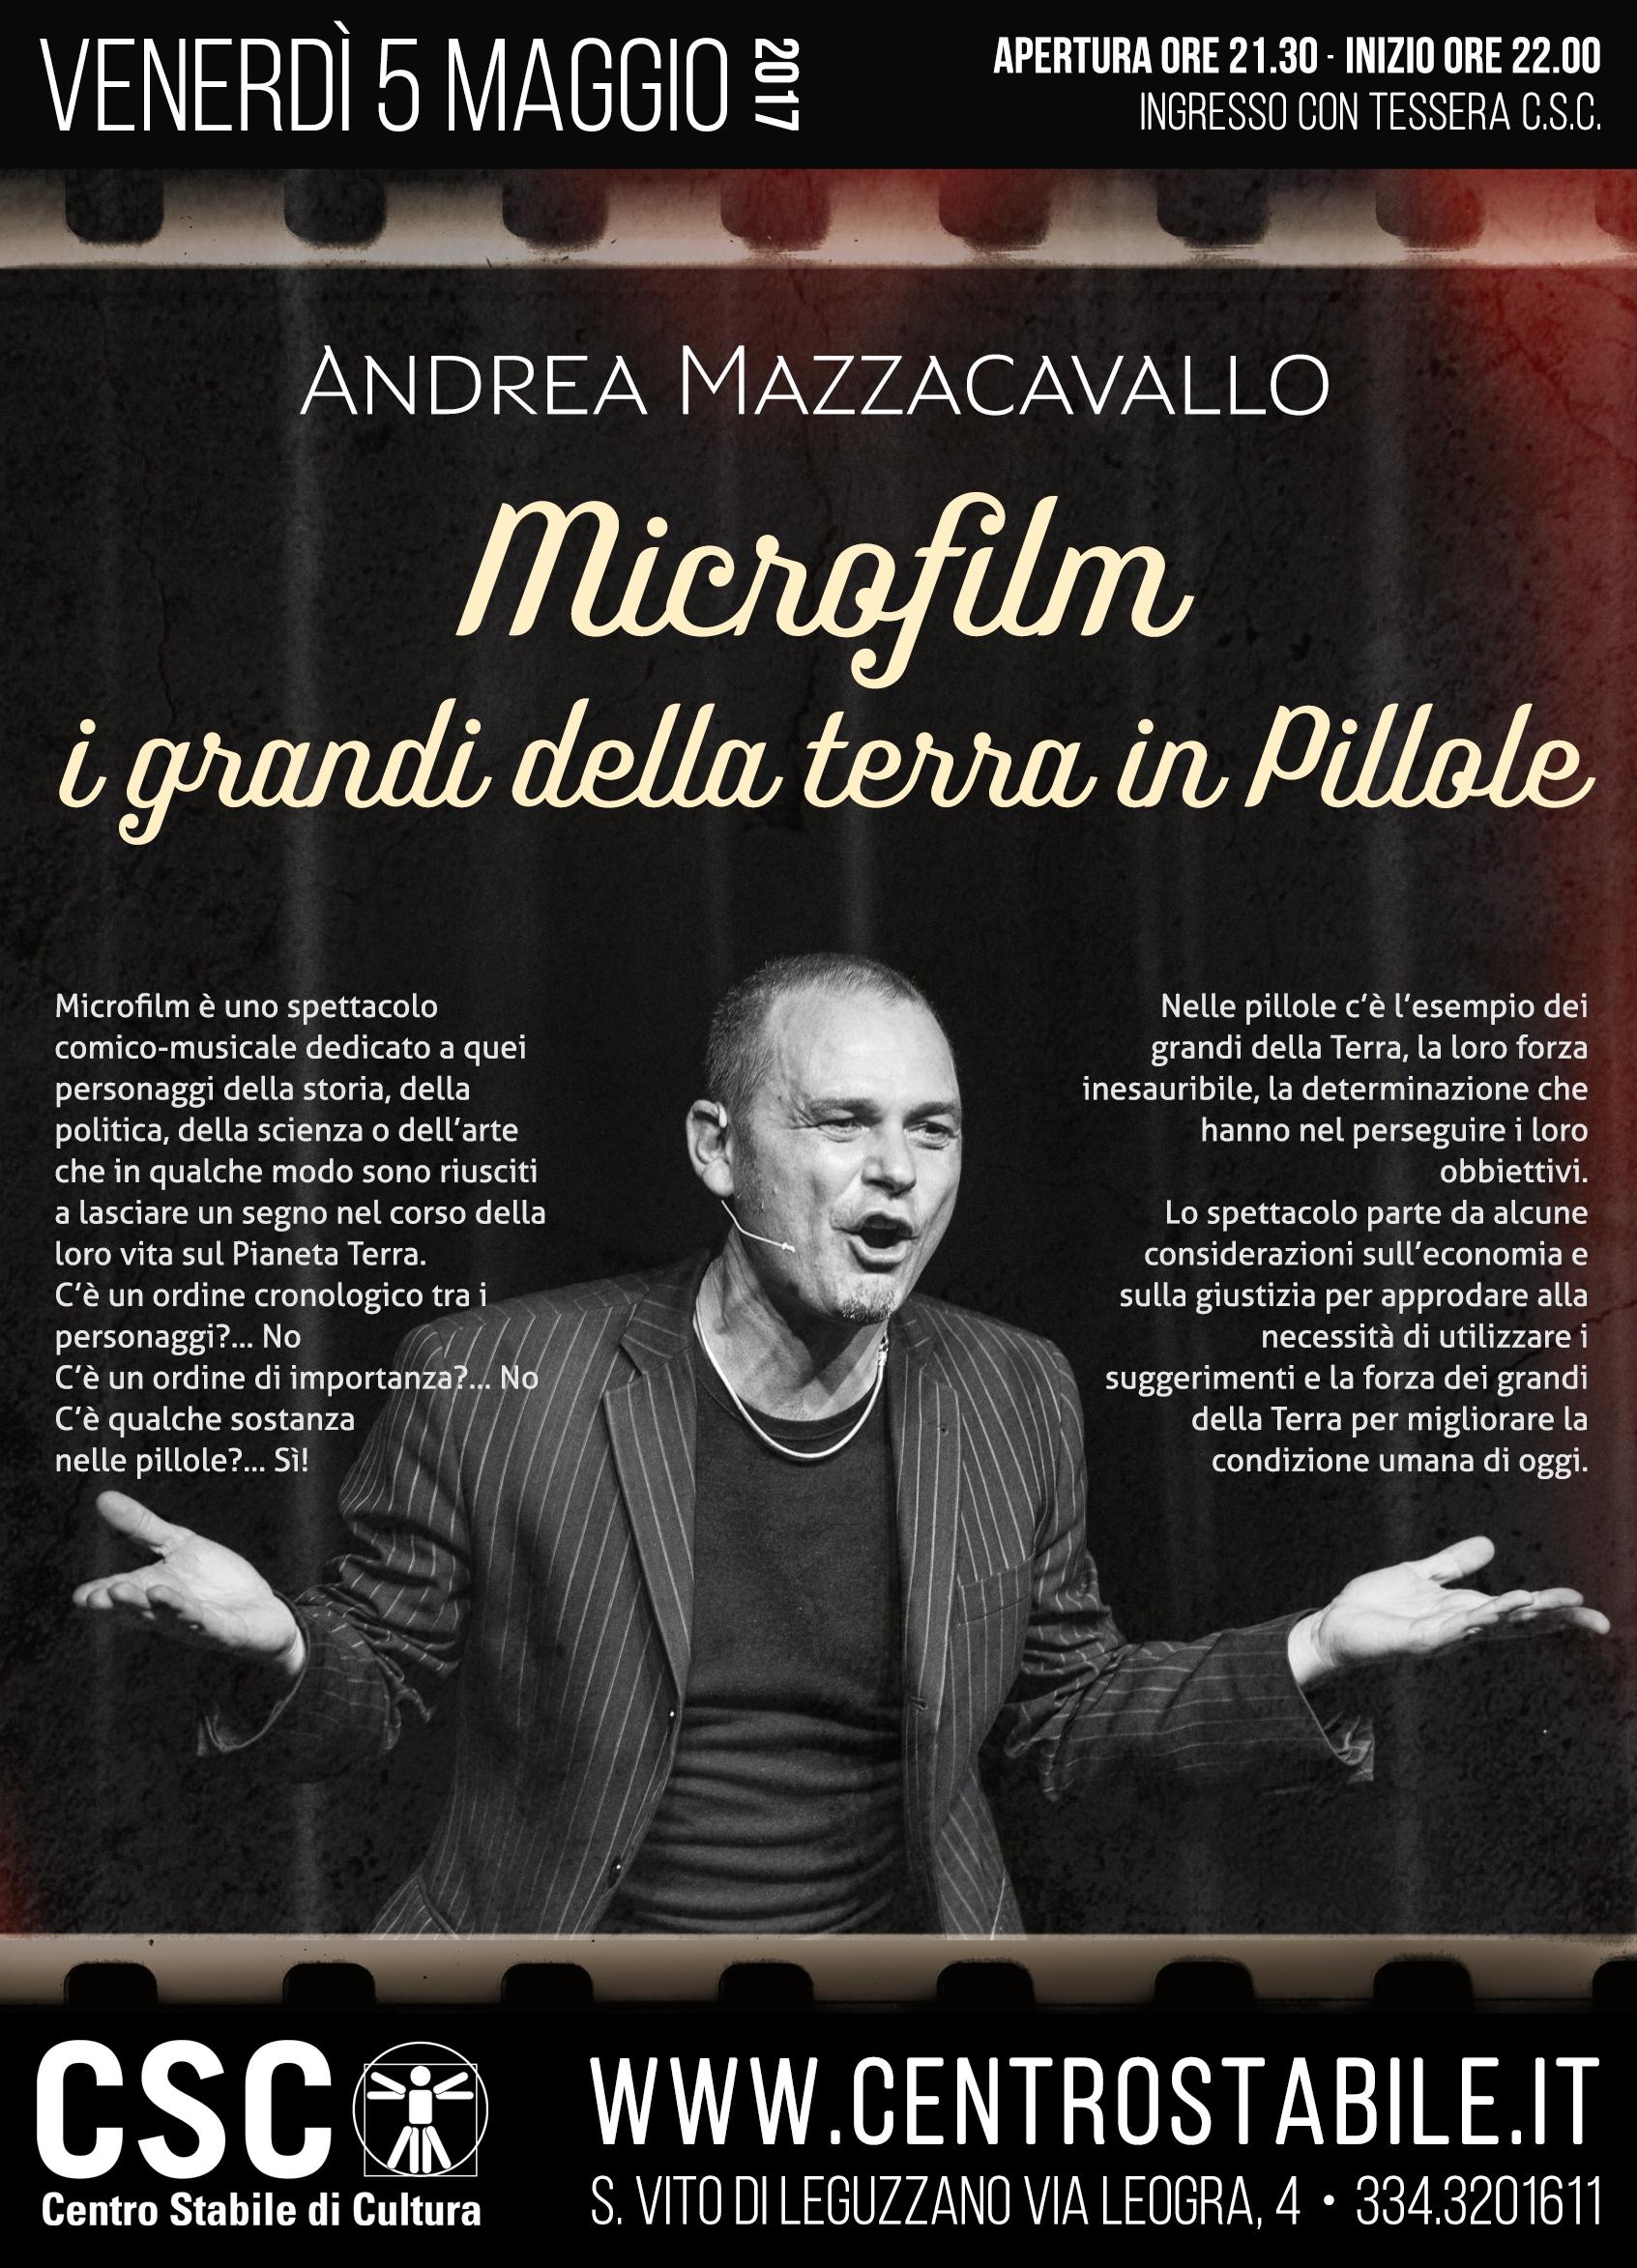 Andrea Mazzacavallo – Microfilm: I grandi della terra in pillole